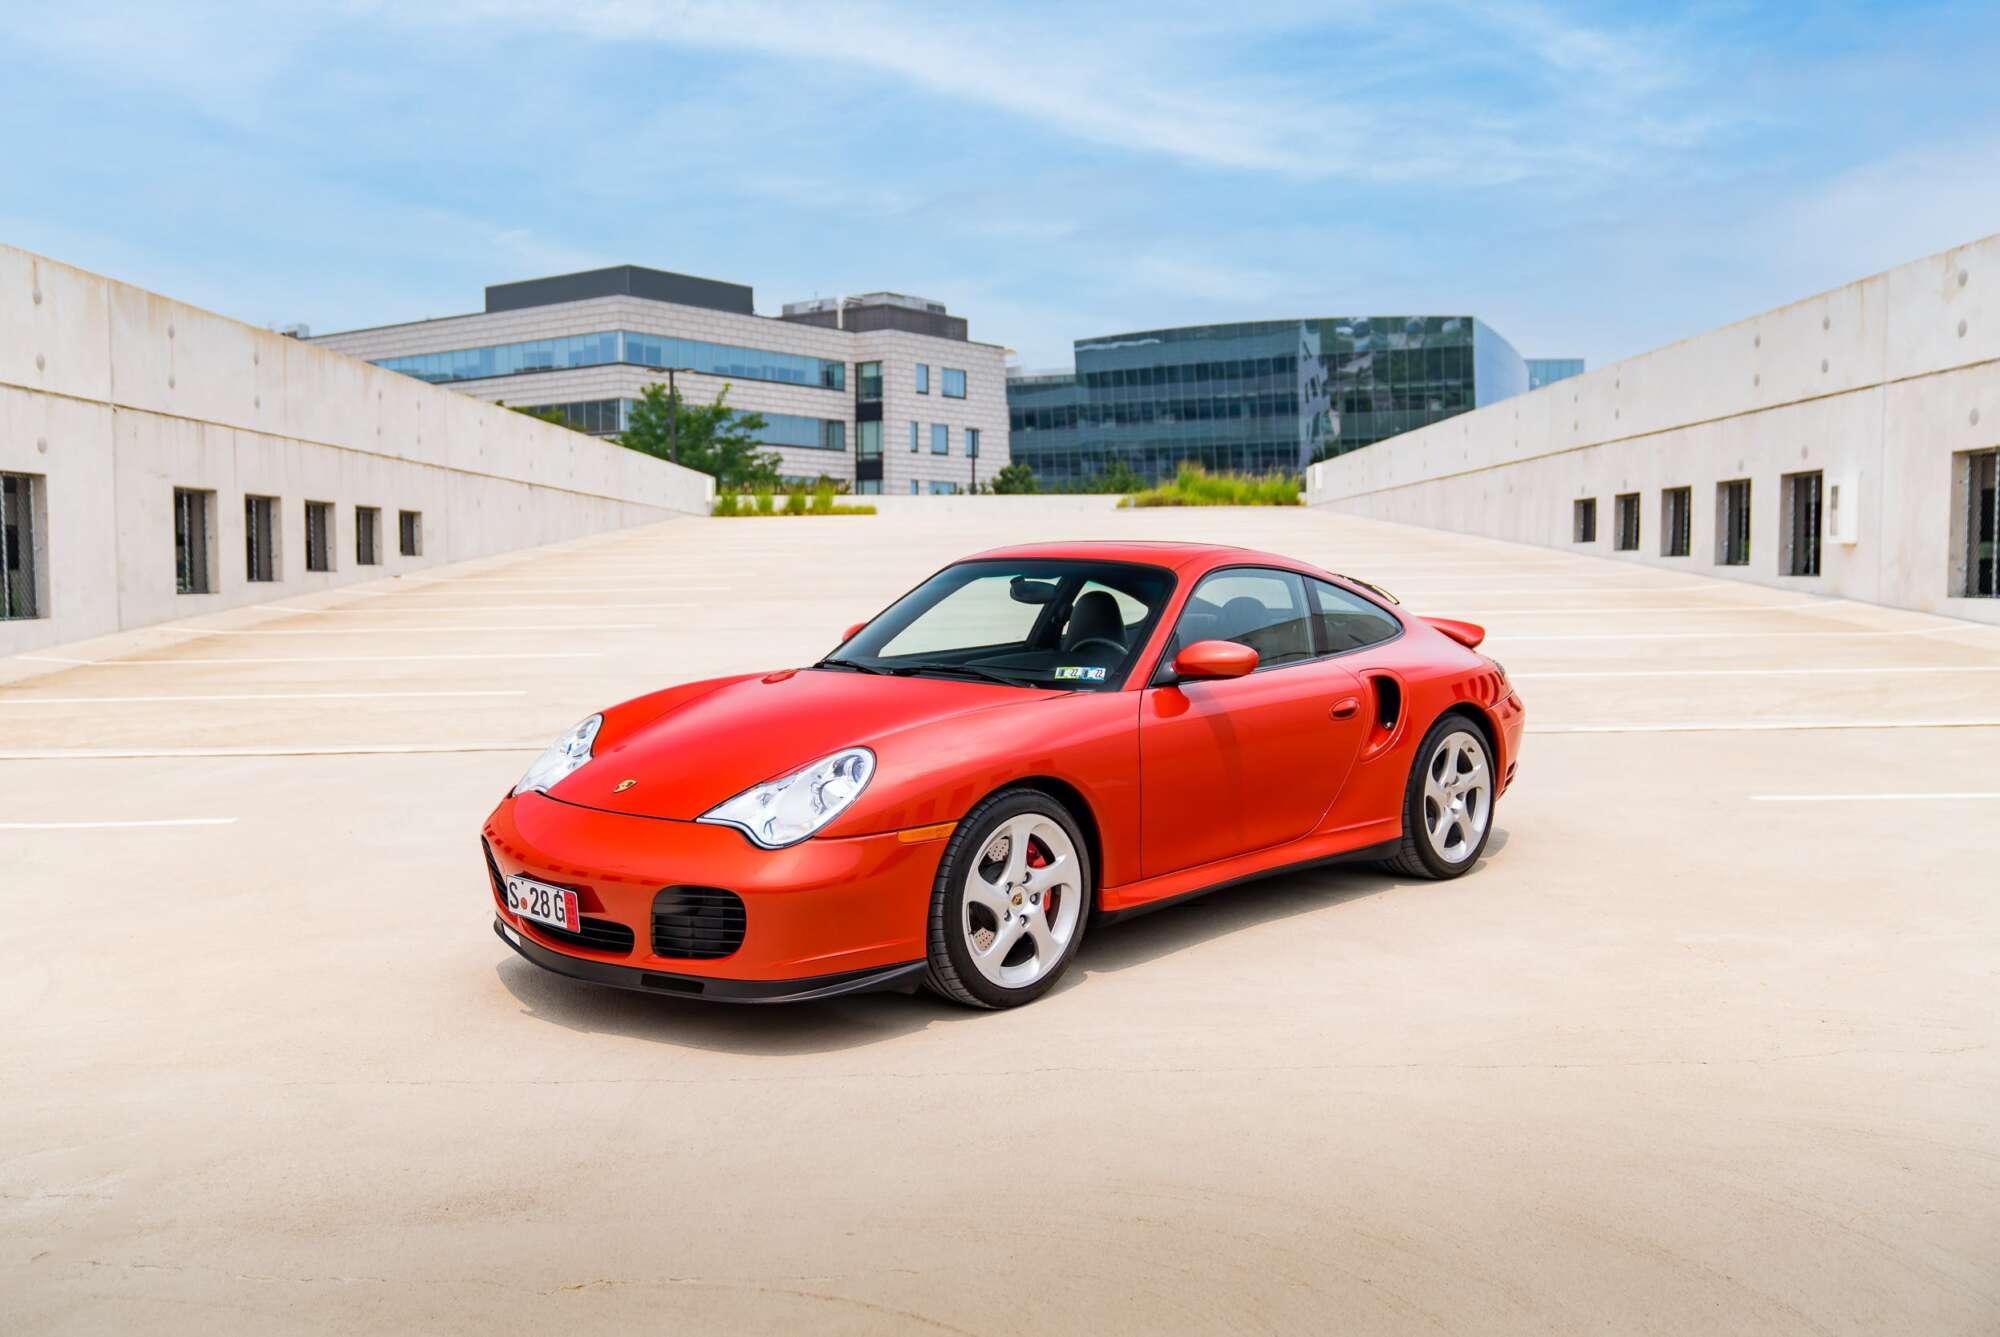 2003 Porsche 911 aus Baujahr (BJ) 2003 gebraucht kaufen